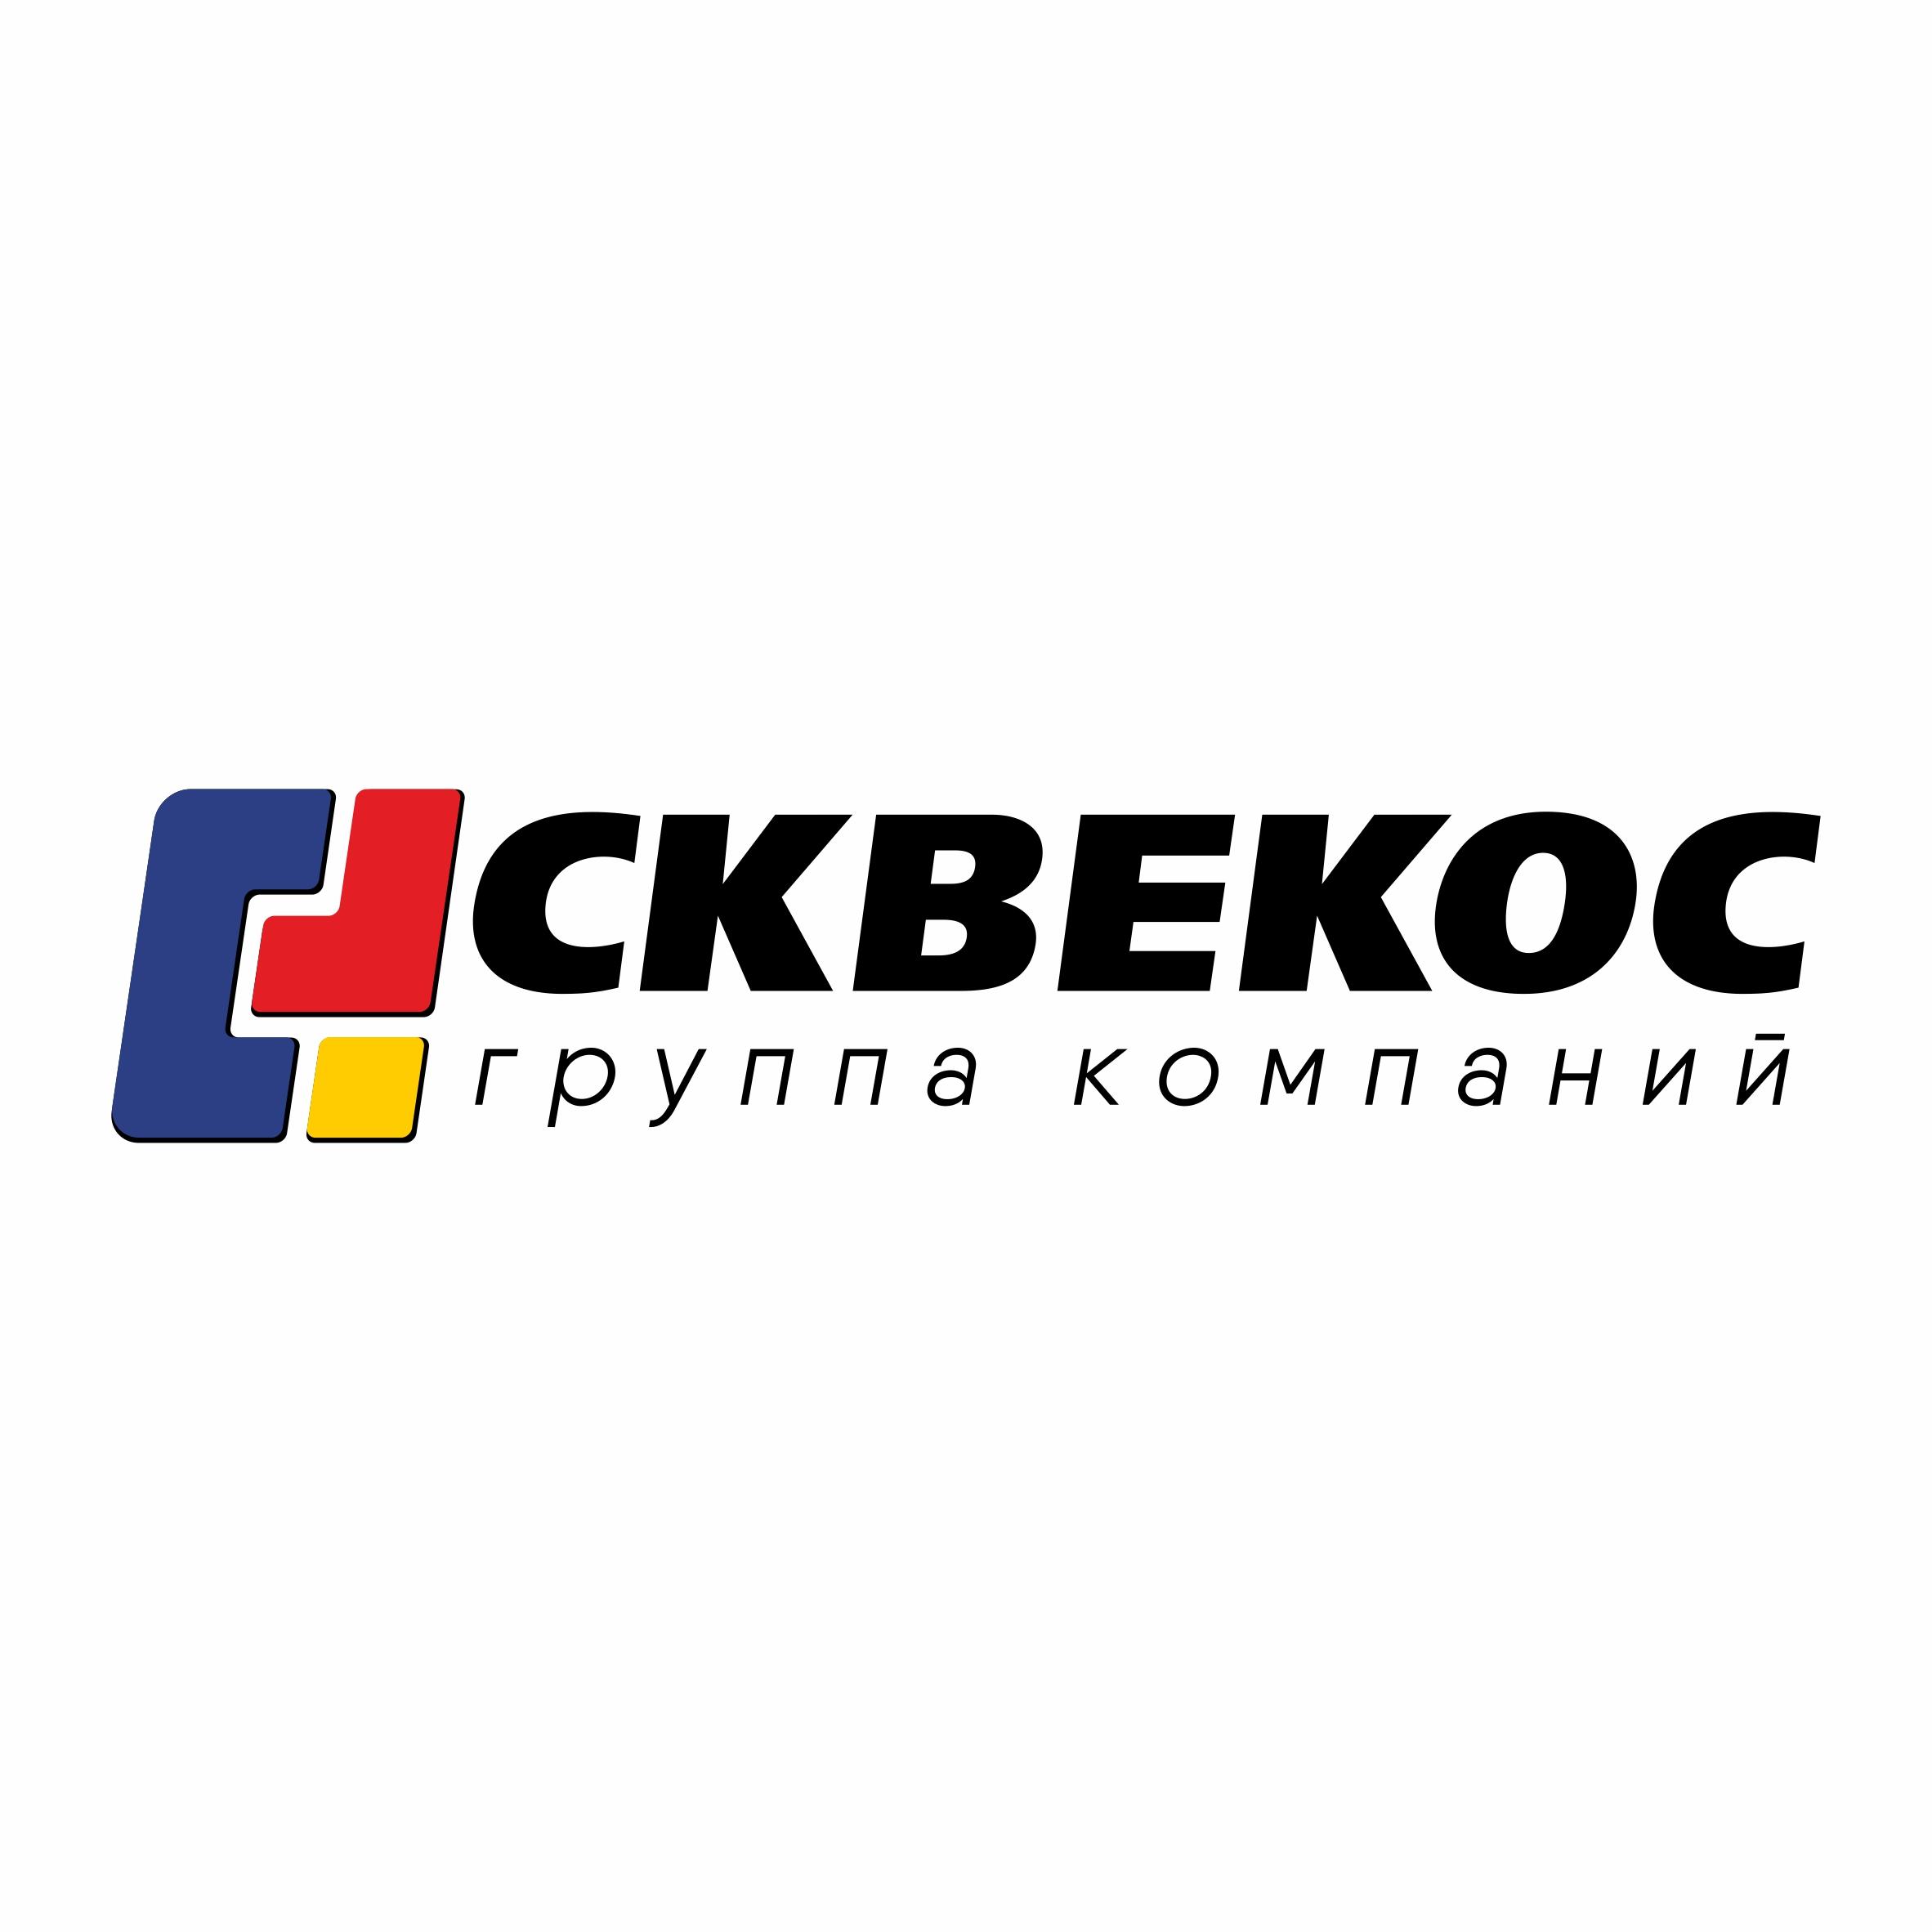 Работа в компании «Группа компаний ВЕКОС» в Санкт-Петербурга